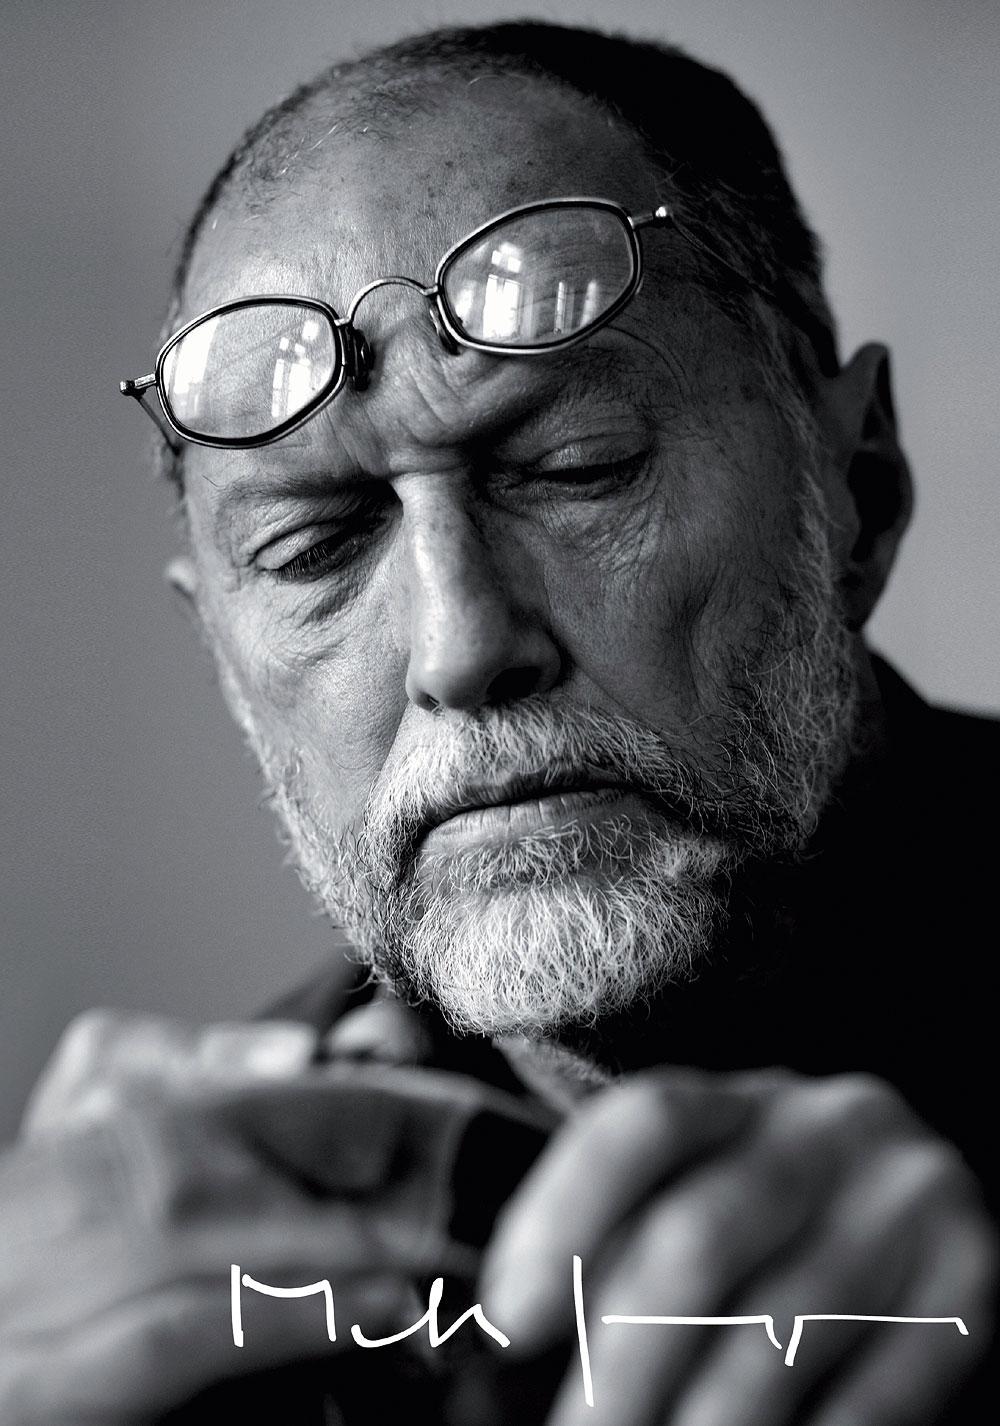 Porträt des Künstlers Mats Jonasson